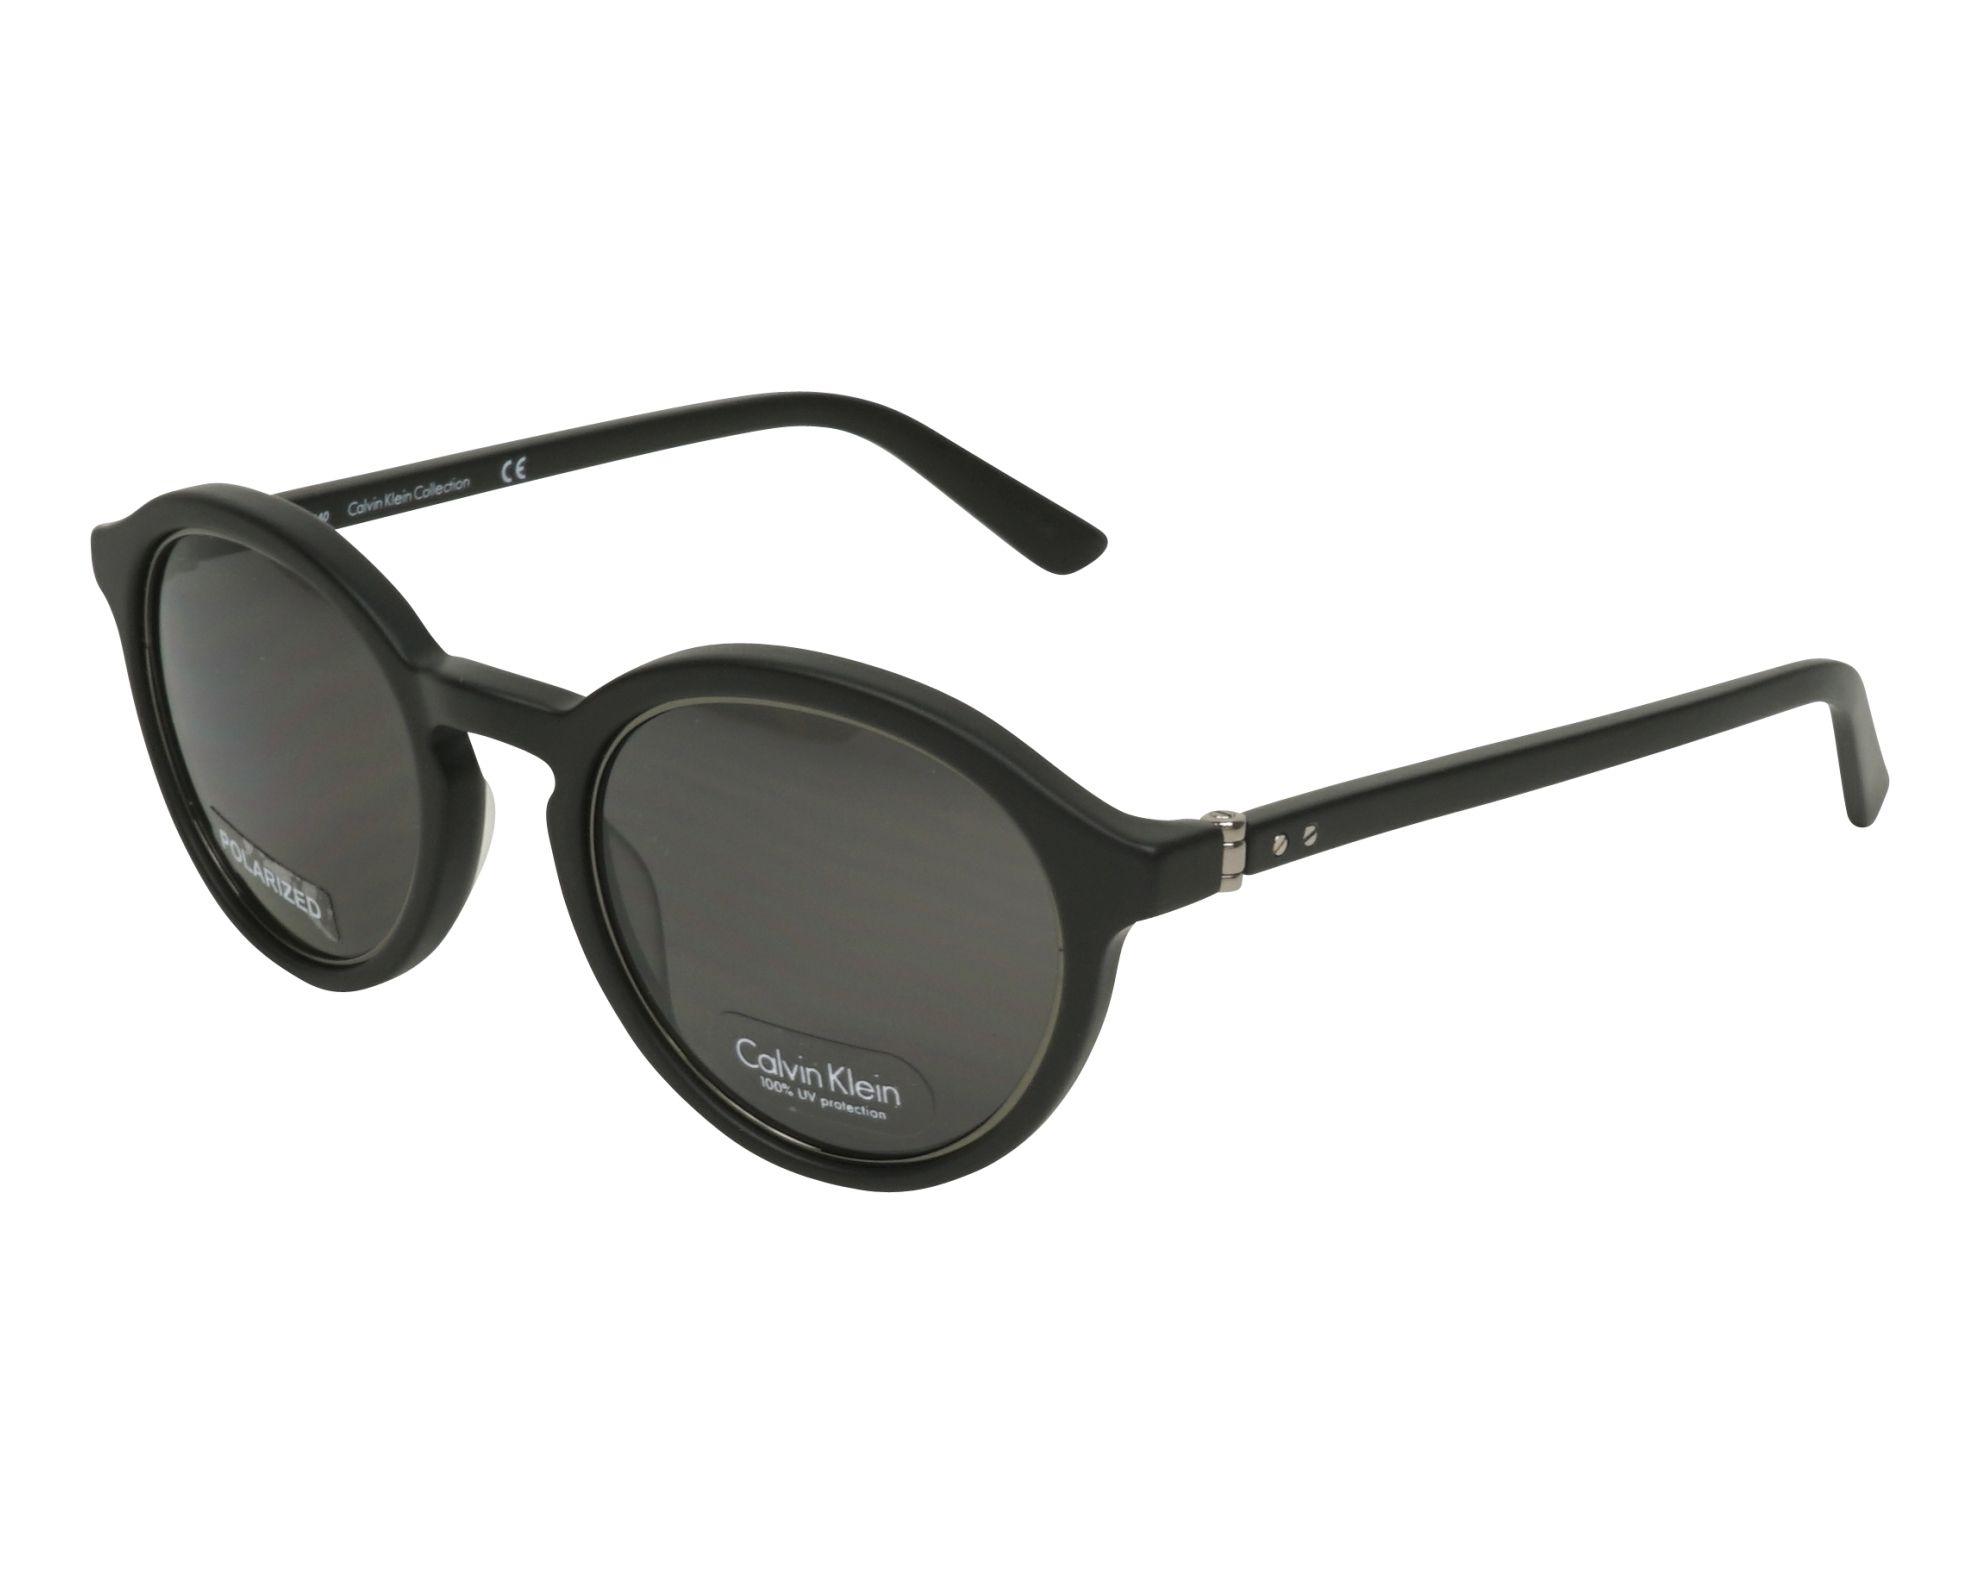 e18fbf7102 Polarized. Sunglasses Calvin Klein CK-8503-S-P 007 - Black Gun profile view